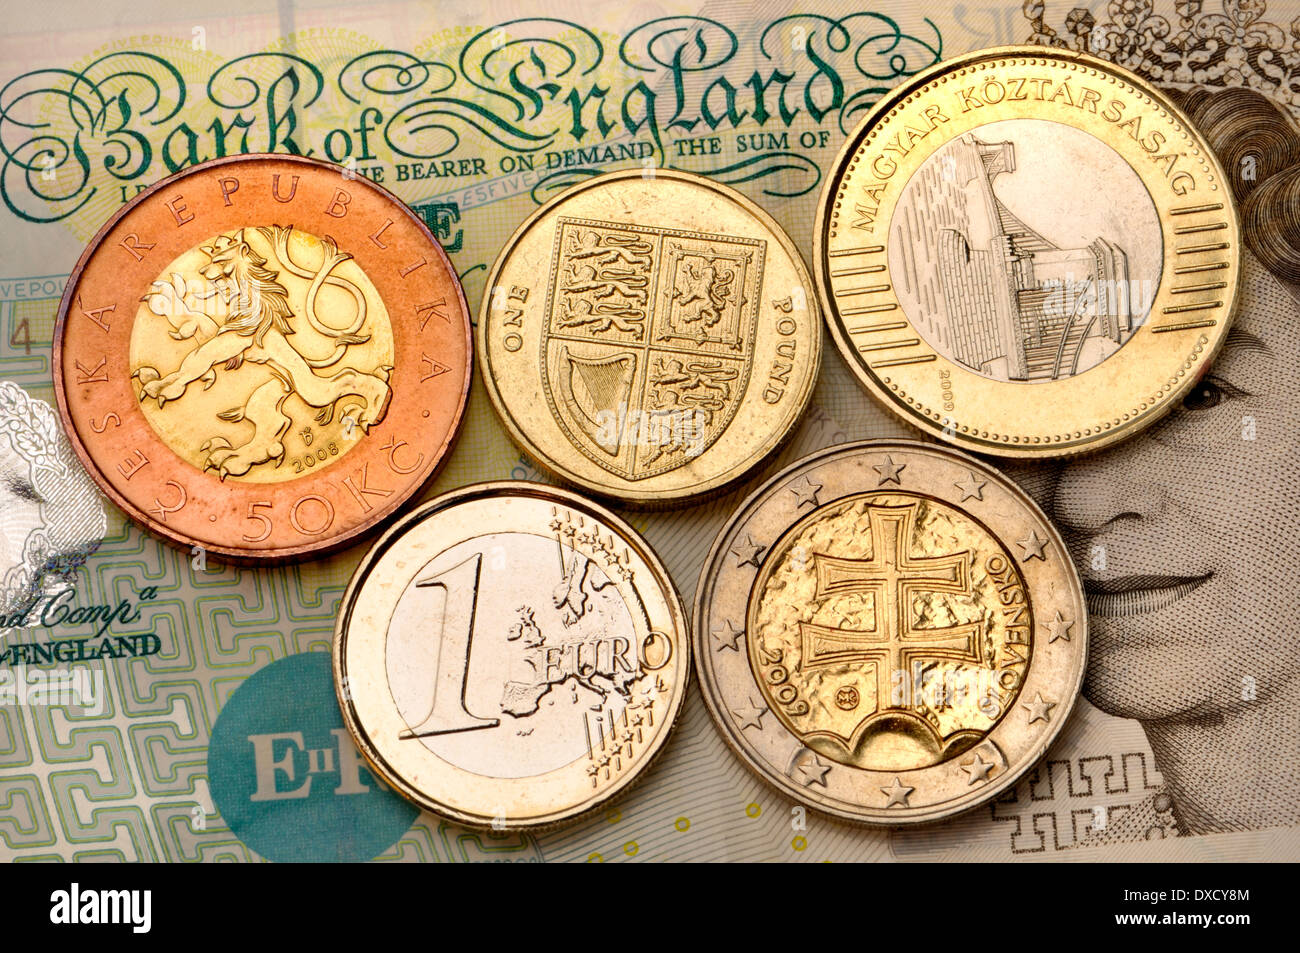 European Bimetallic Coins British Pound Stock Photo Royalty